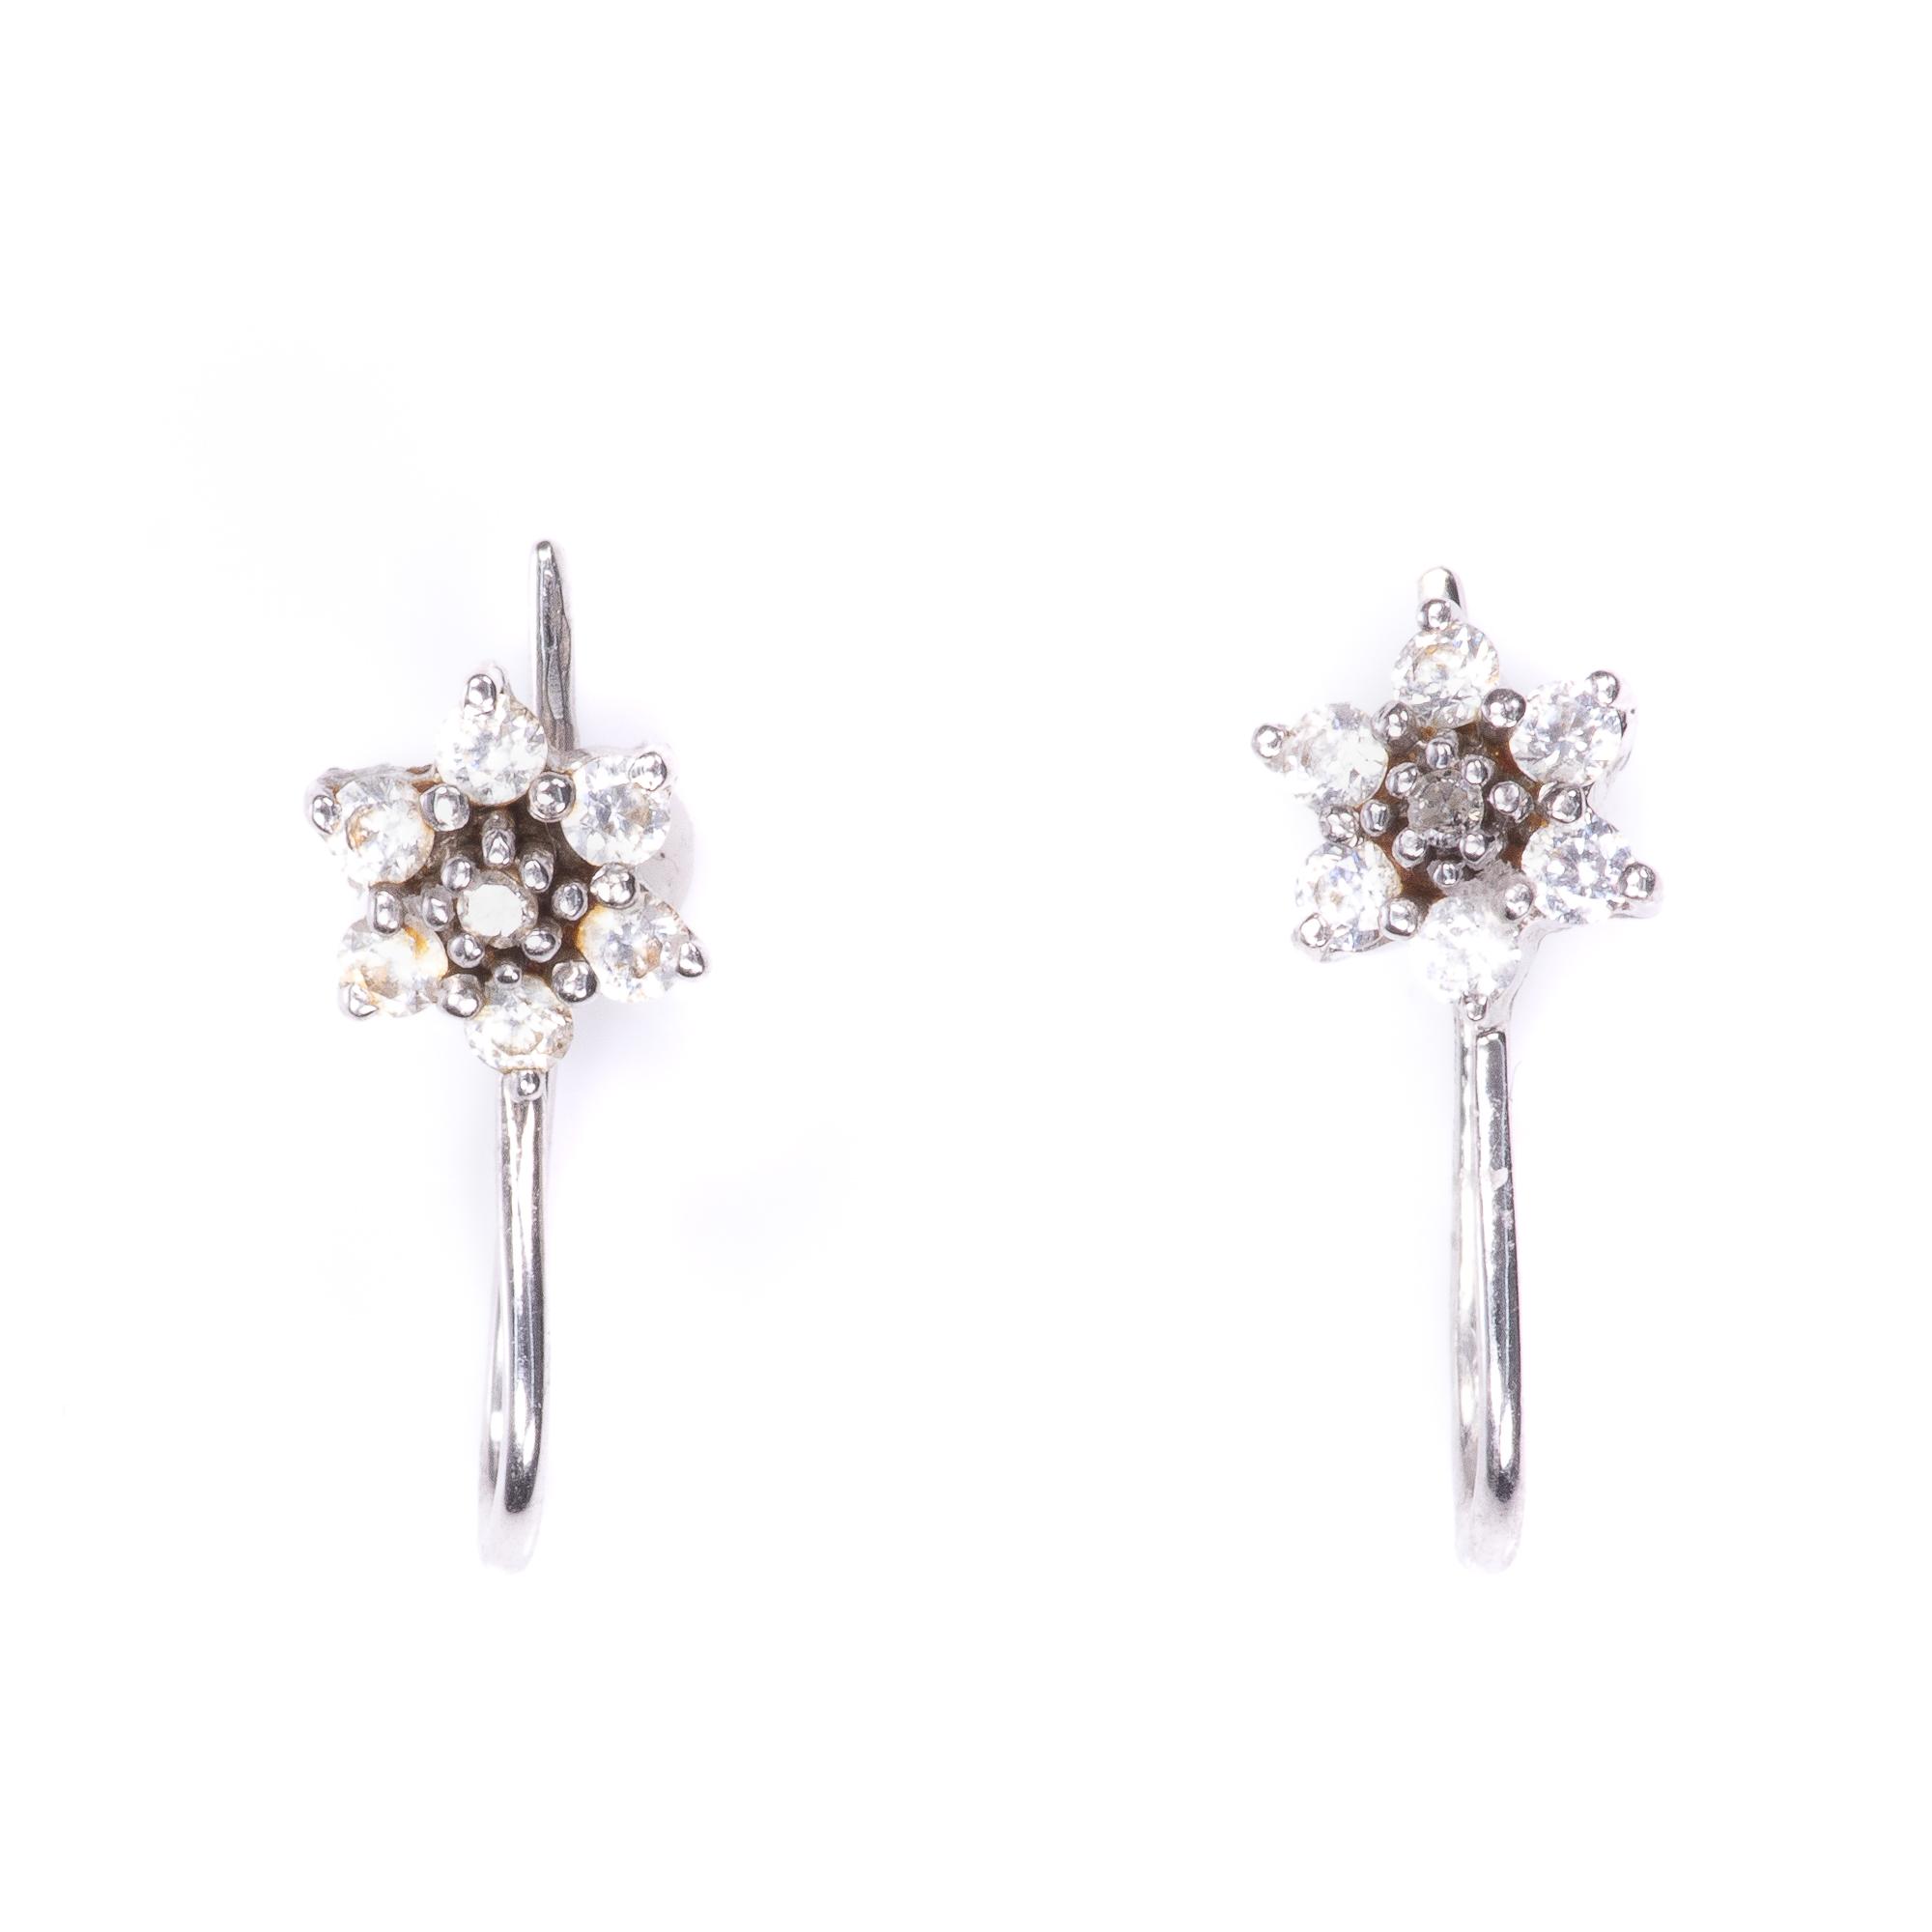 White Gold 0.40ct Diamond Cluster Earrings